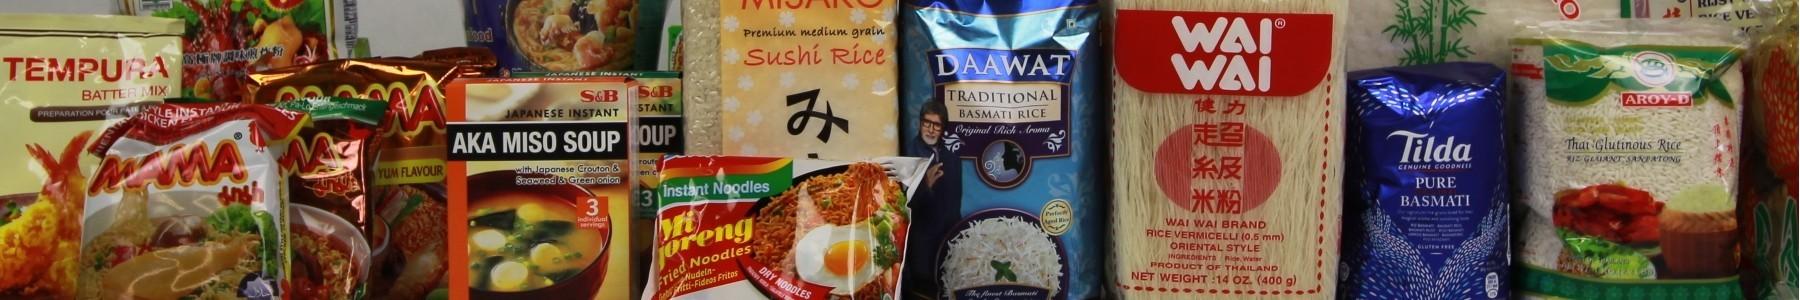 Rice, noodles, flour, beans, nuts